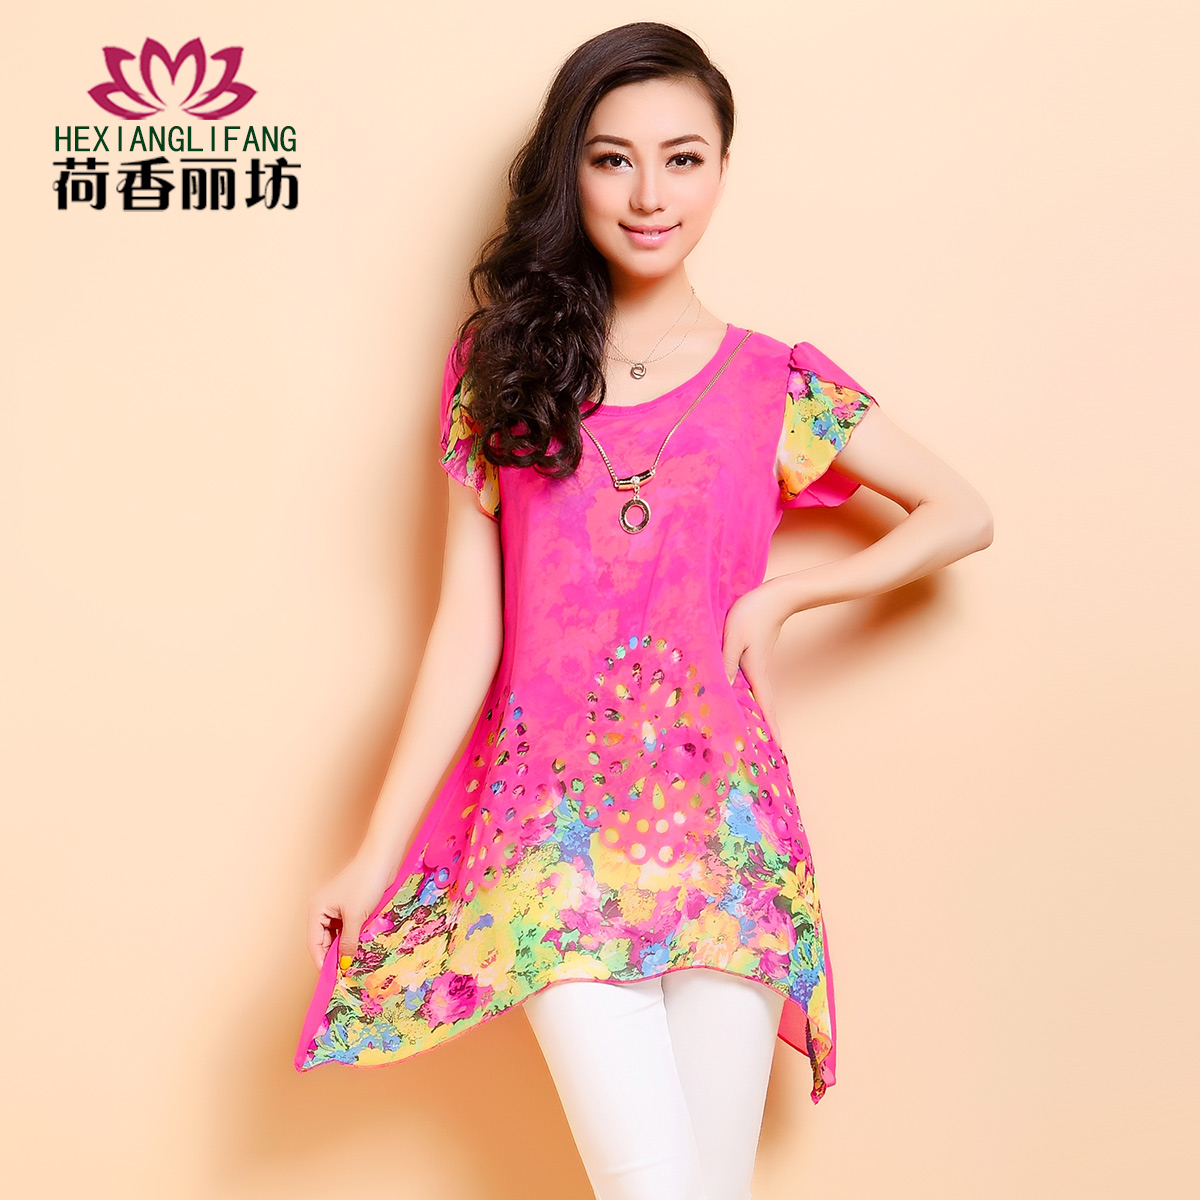 Сян Li Фанг 2014 летних женщин шифон рубашка платье новый тонкий короткий рукав плюс размер костюм длинные рубашки